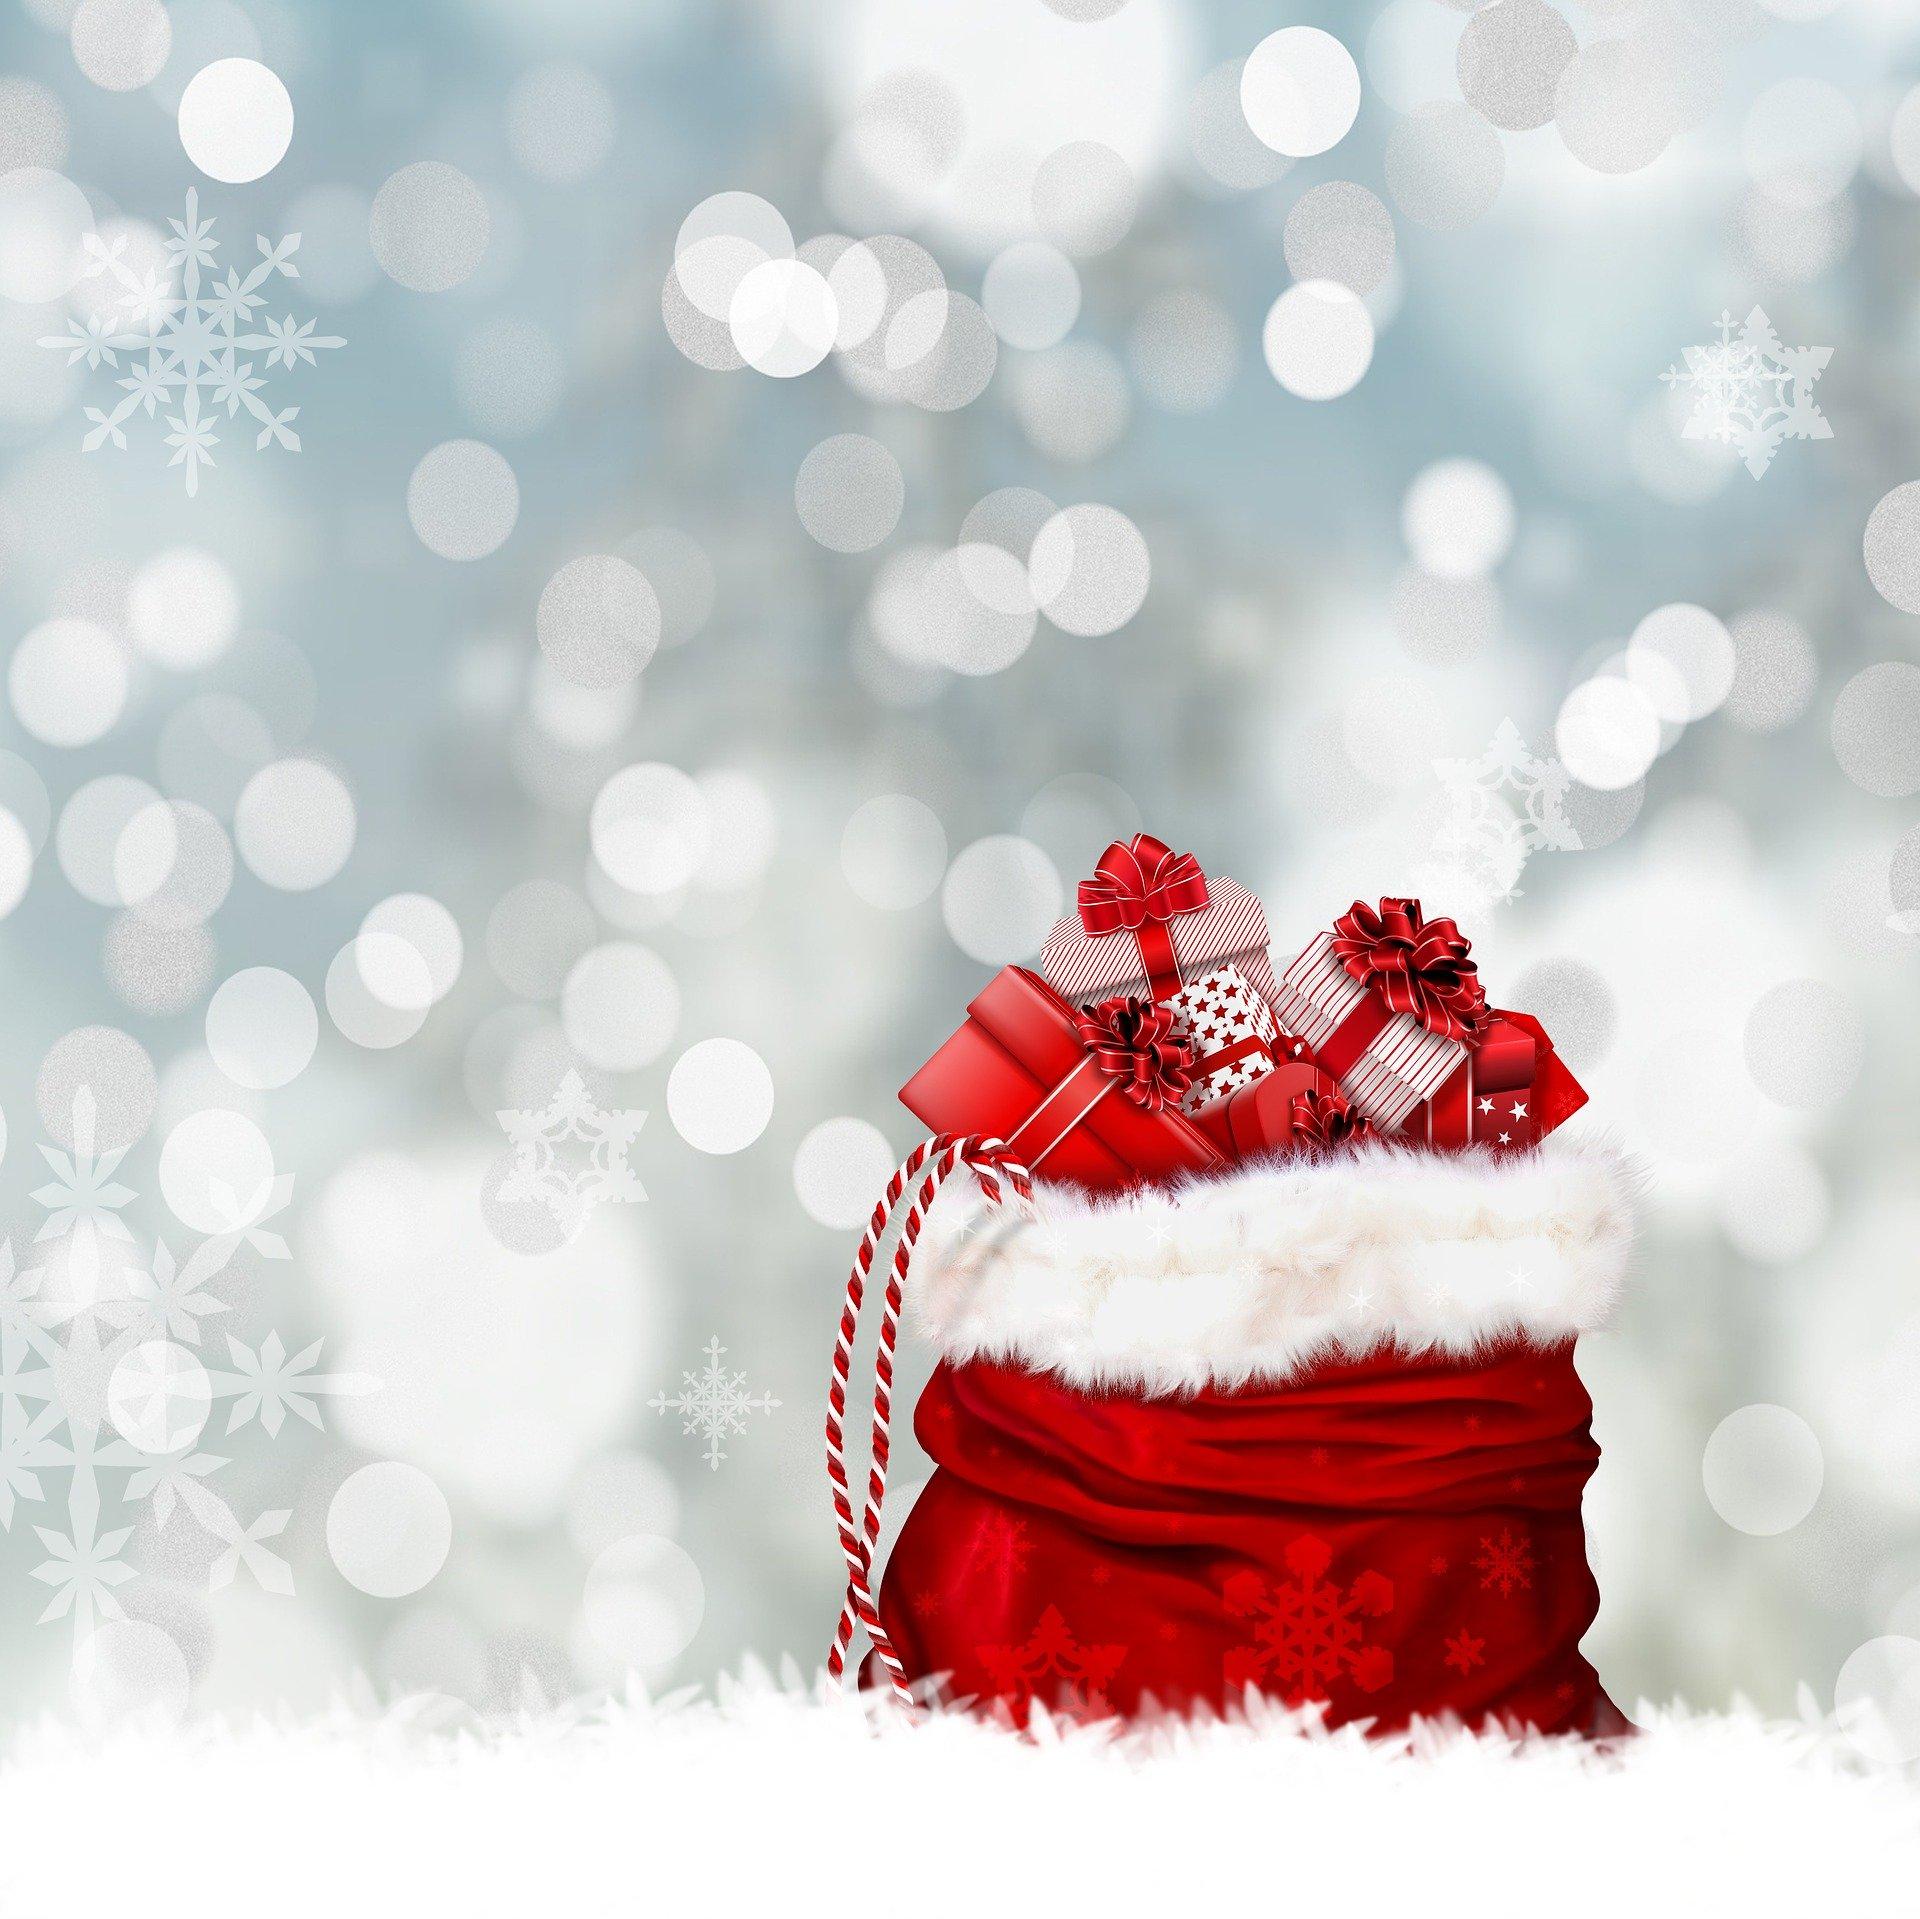 paczki świąteczne